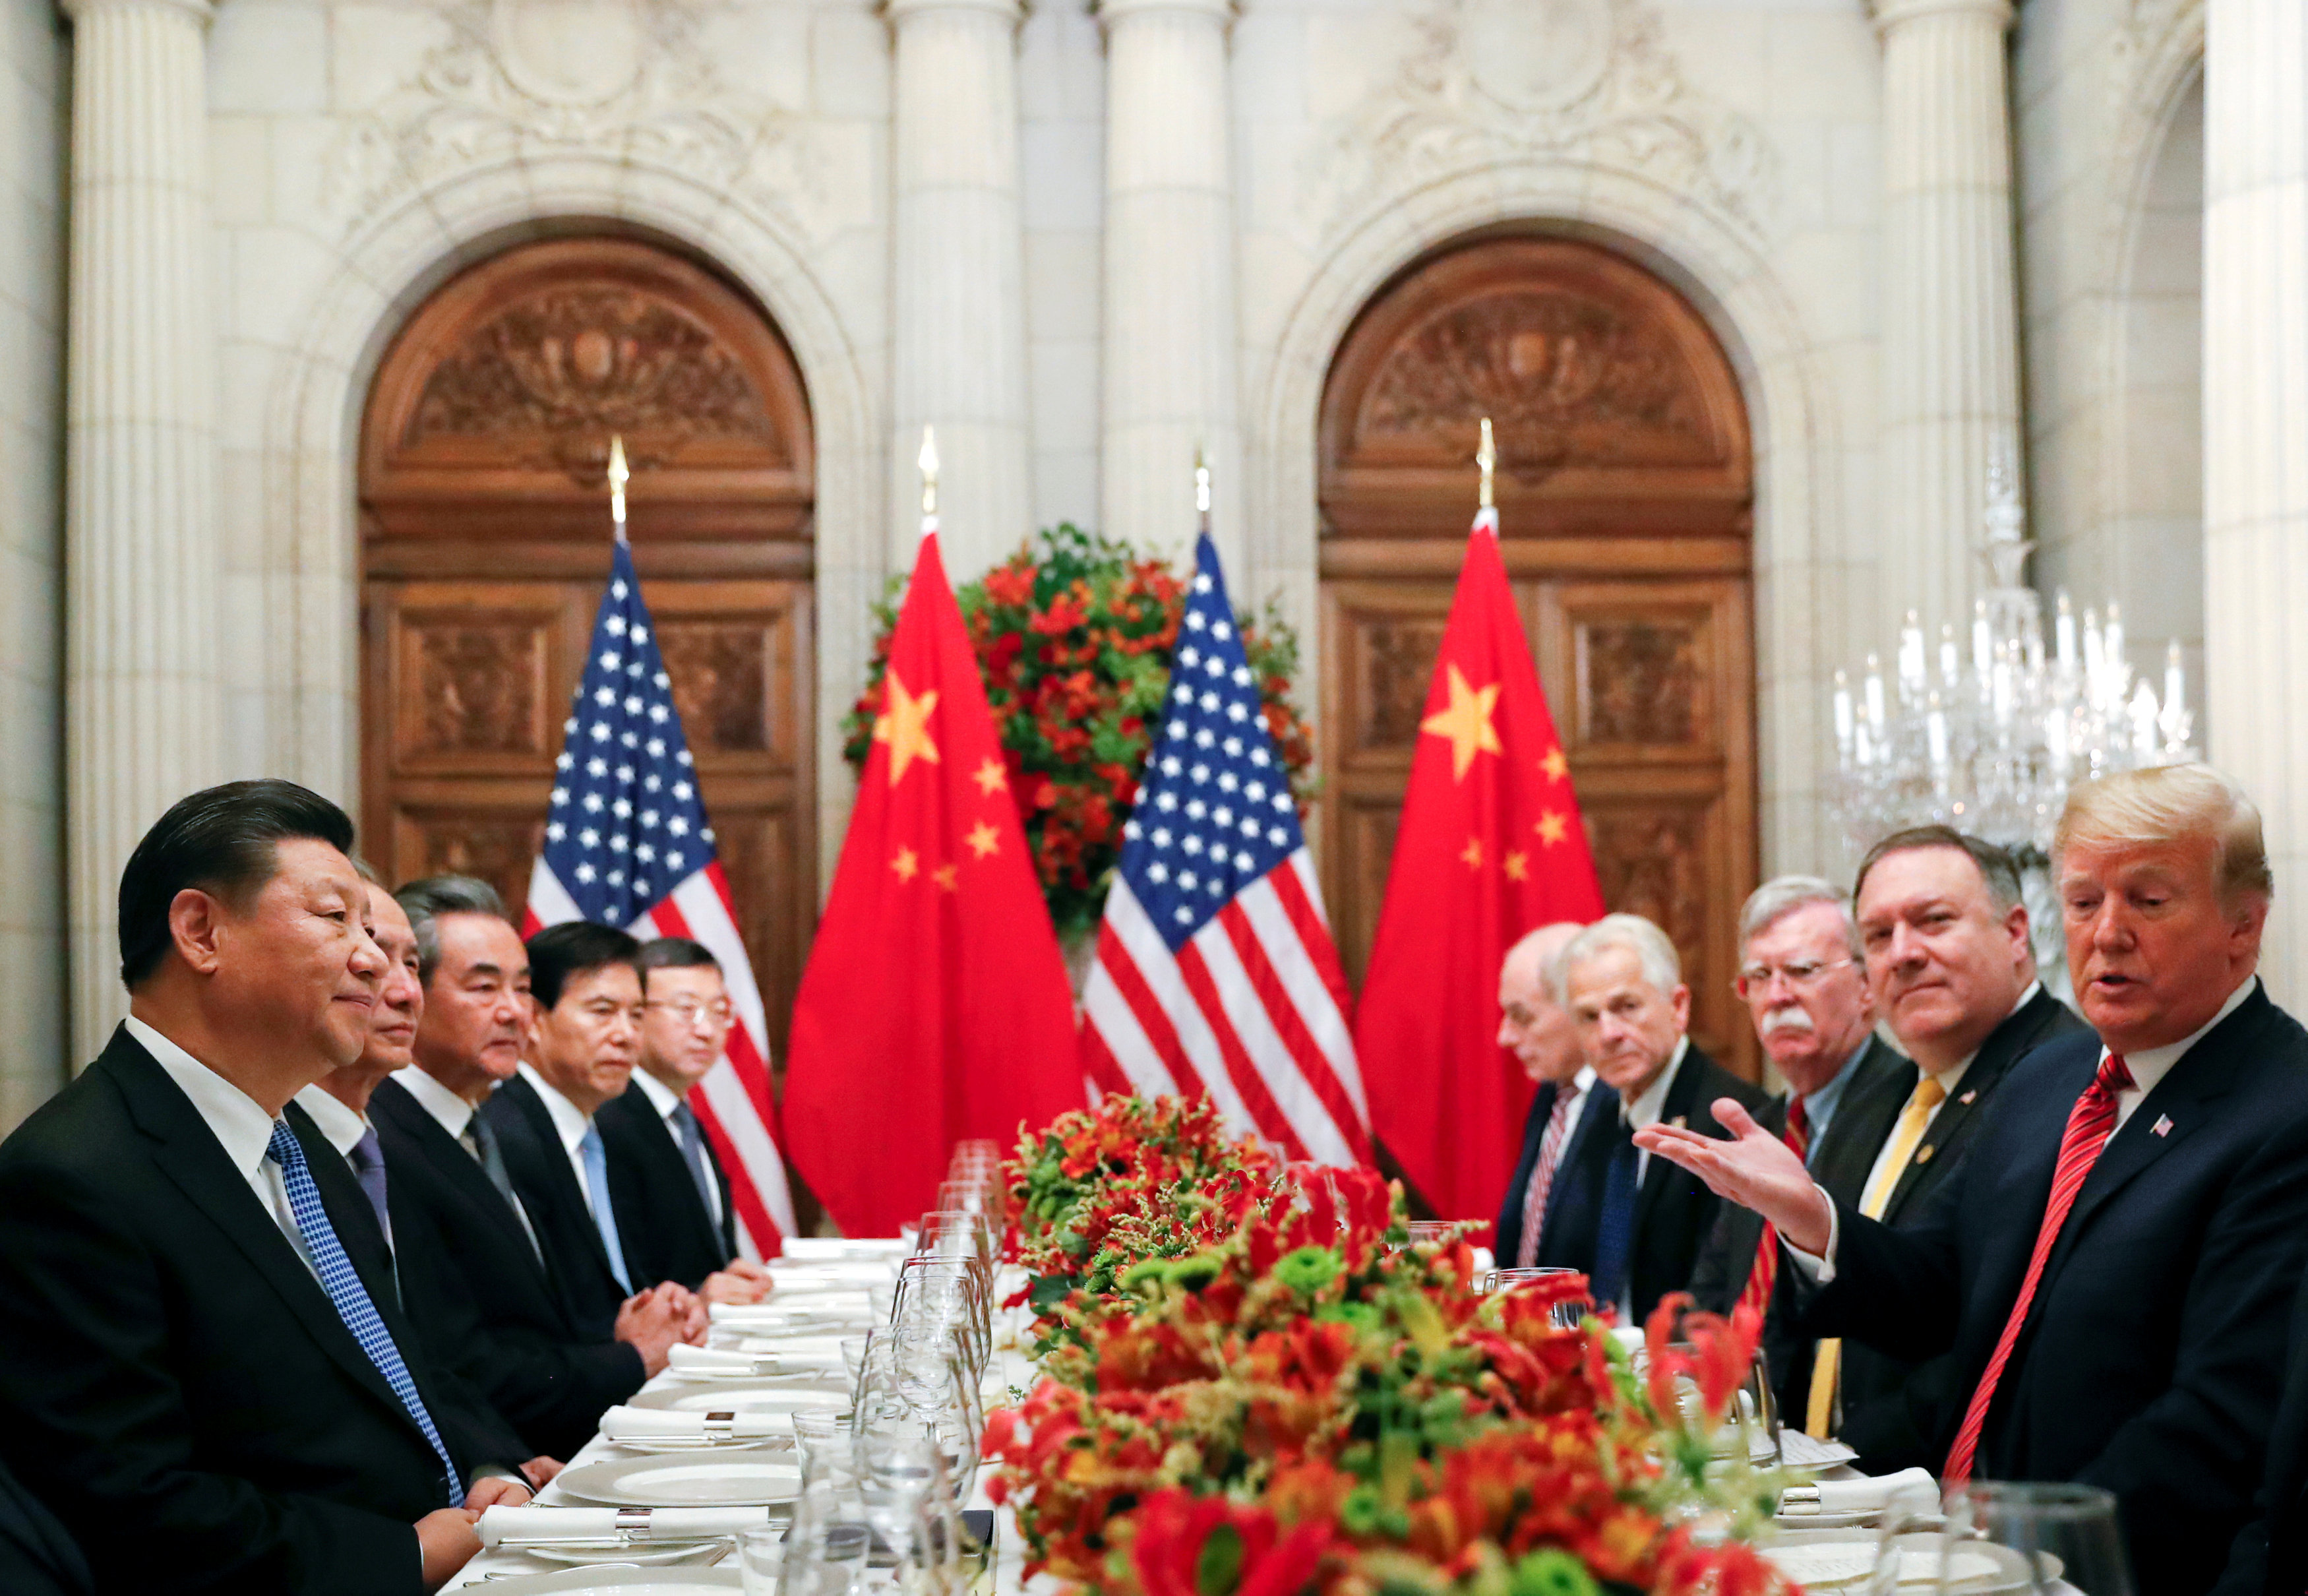 專家認為中國研判川普可能無法連任,貿易戰可以拖到2020年再說,不急著與川普政府達成協議。圖為2018年12月在阿根廷G20峰會上的美中雙邊經貿會談。(路透)